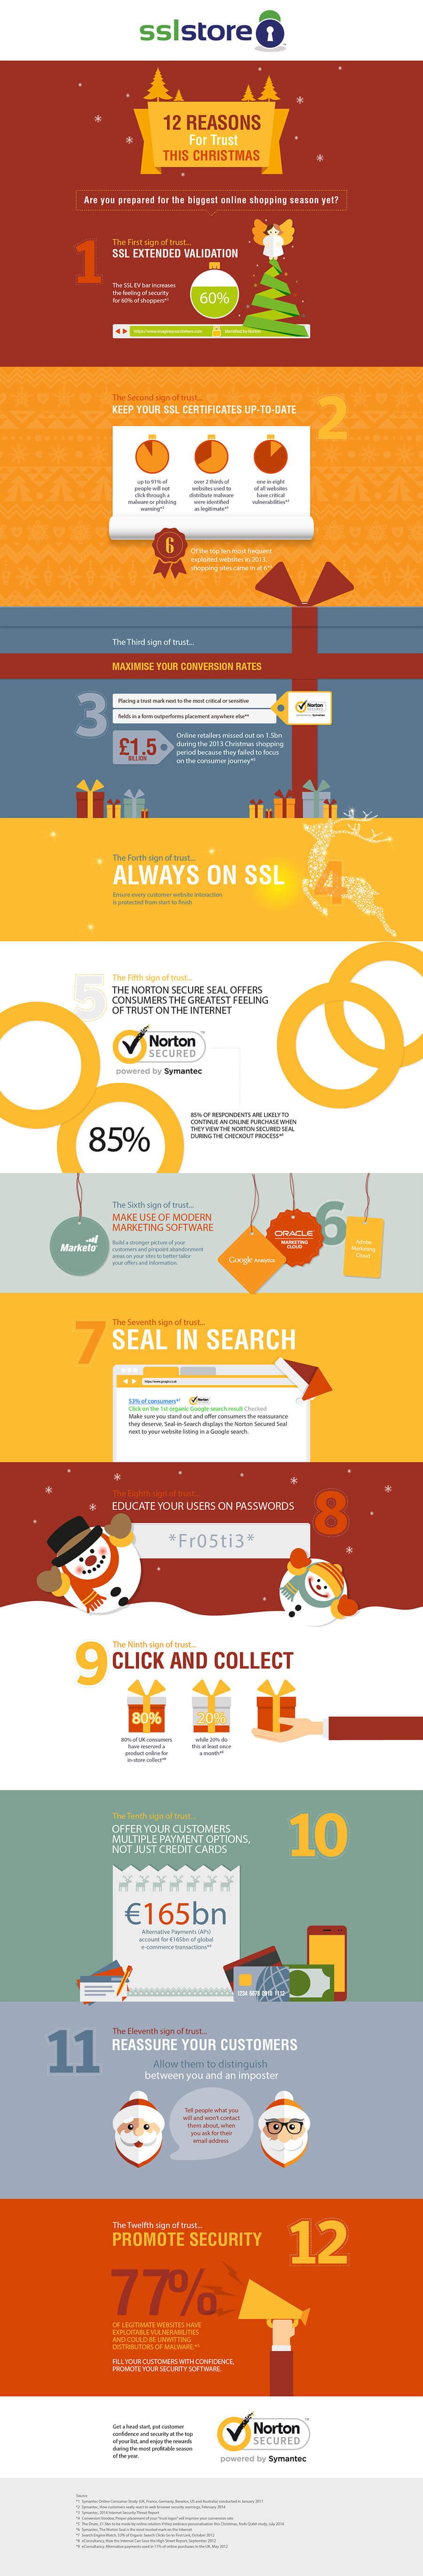 CHRISTMAS Tips for Online Shopping